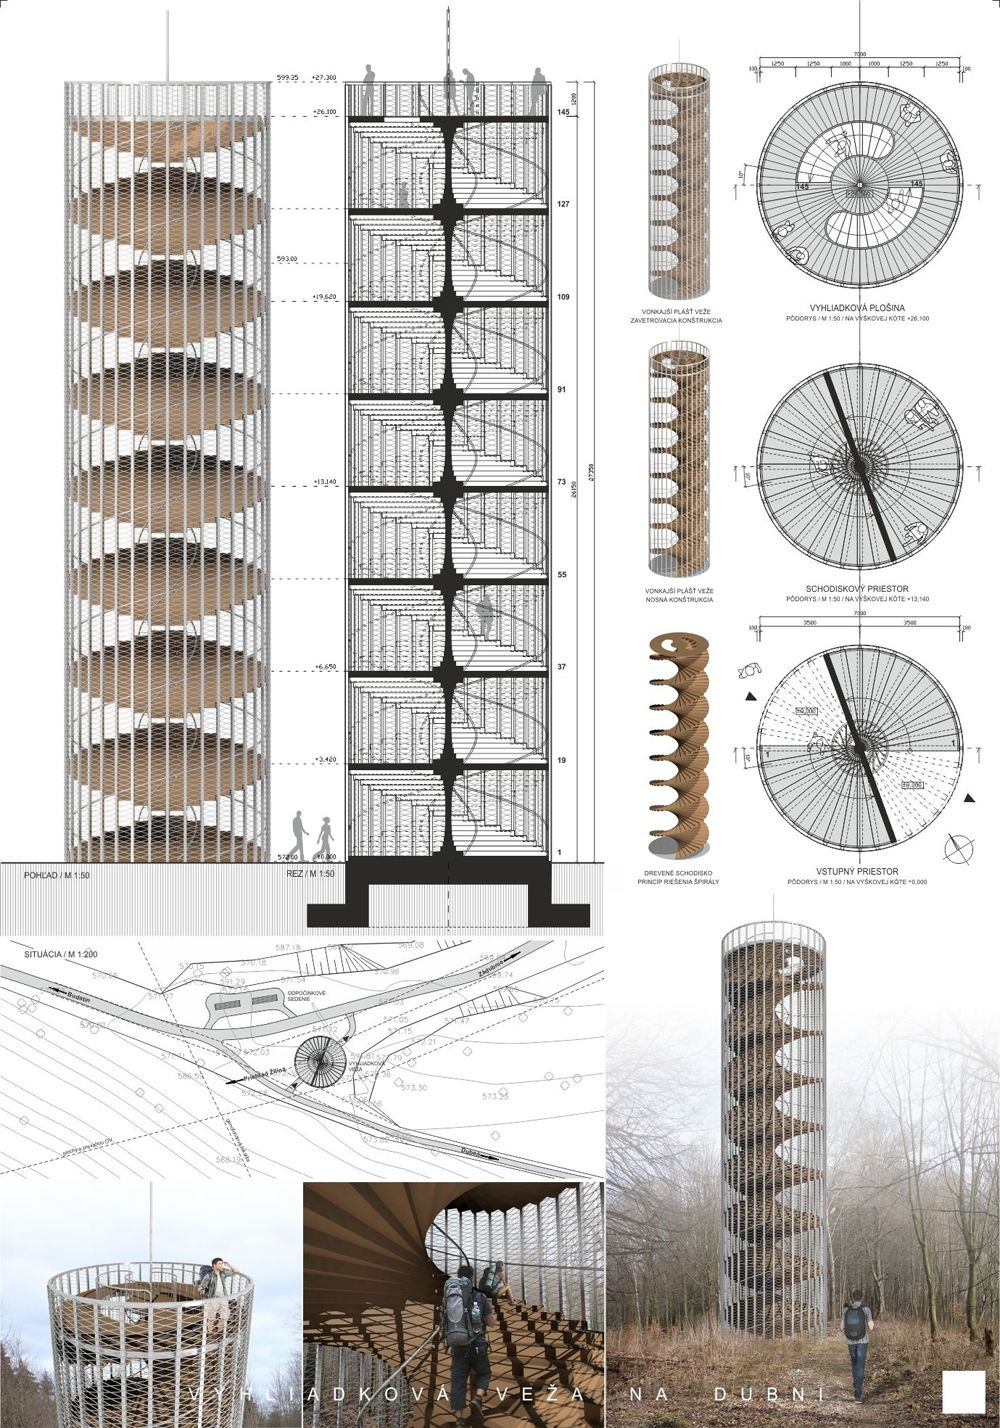 Súťažné návrhy Výhliadková veža na Dubni, foto 15